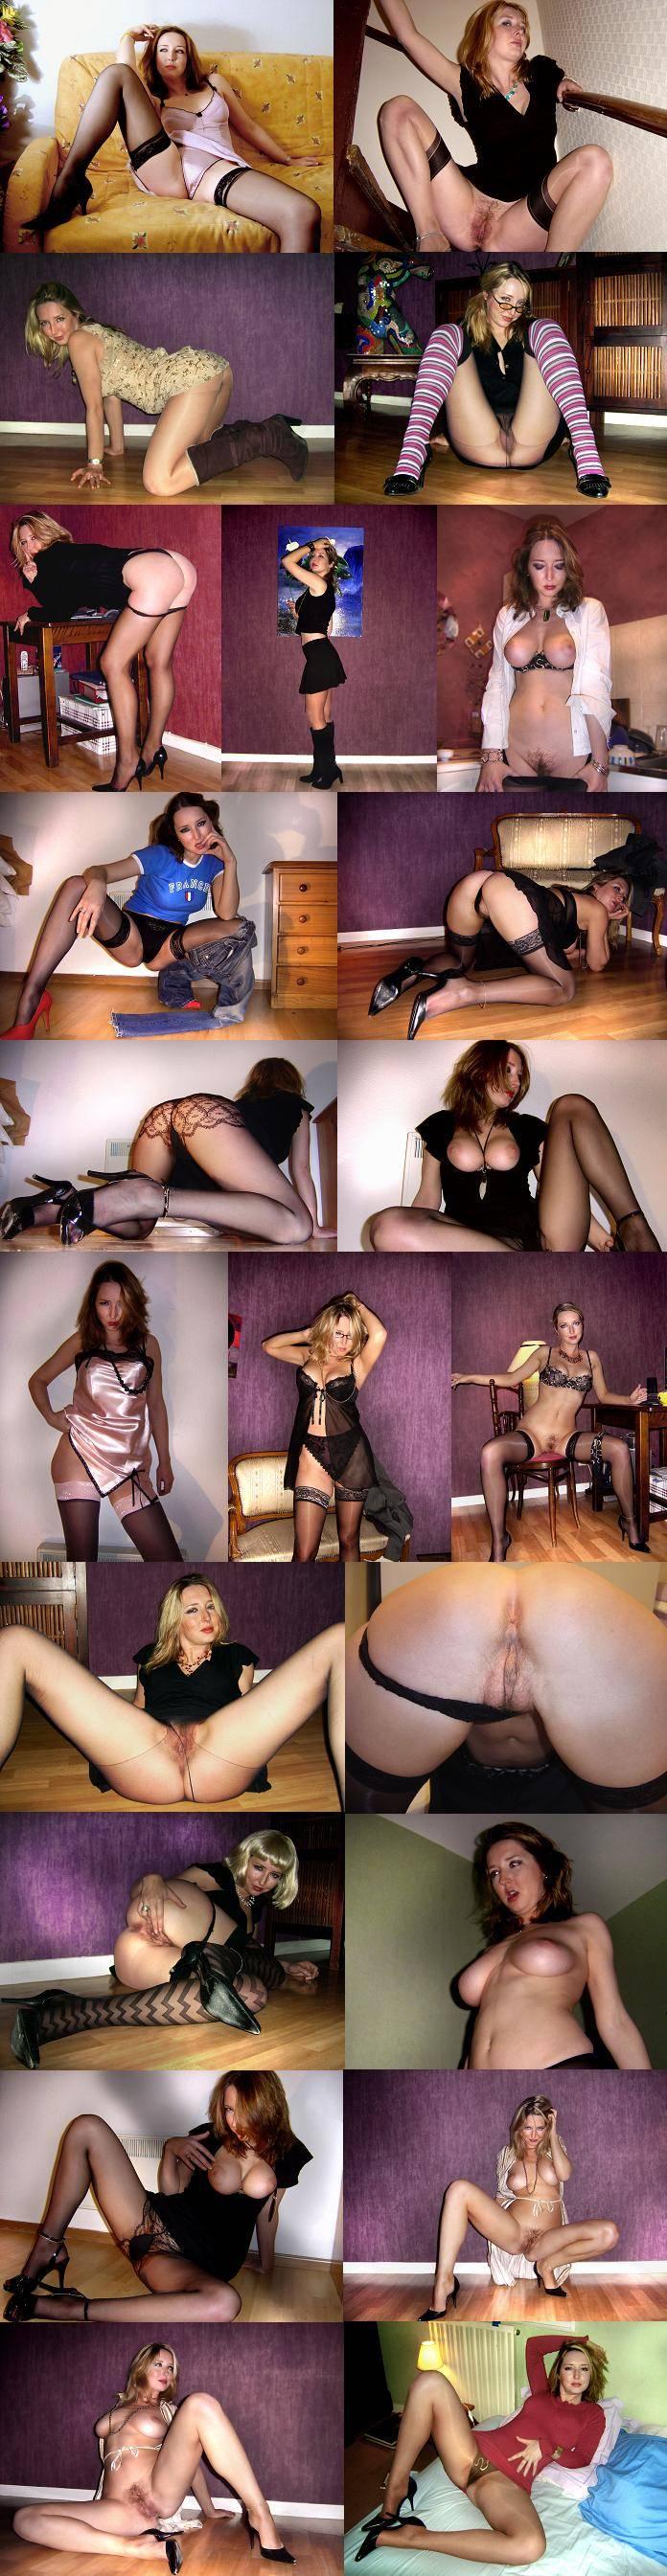 grabando a prostitutas las mas guarras de facebook